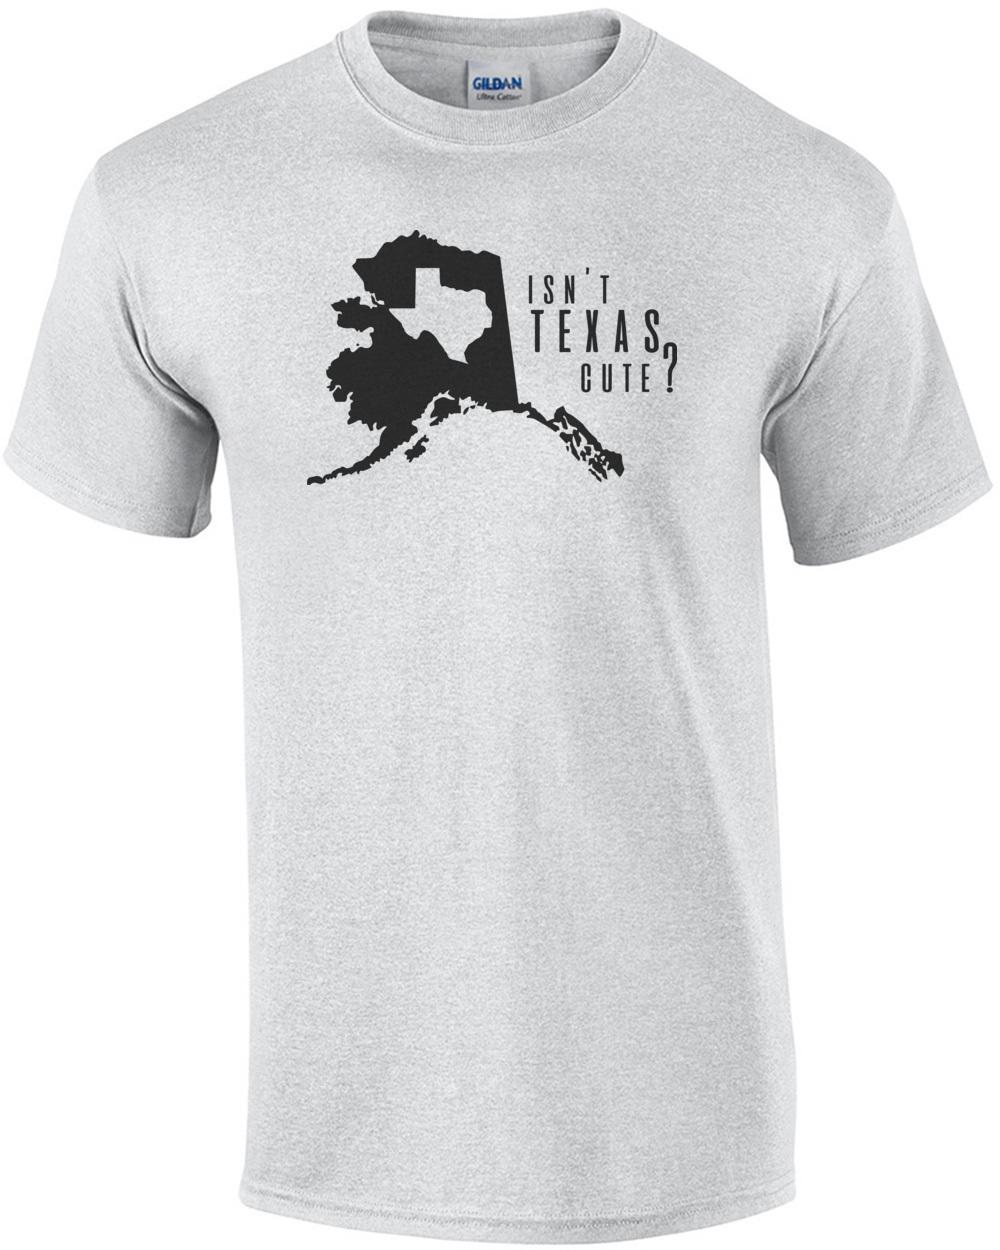 16a617a86e isnt-texas-cute-funny-alaska-tshirt-mens-regular-ash.jpg